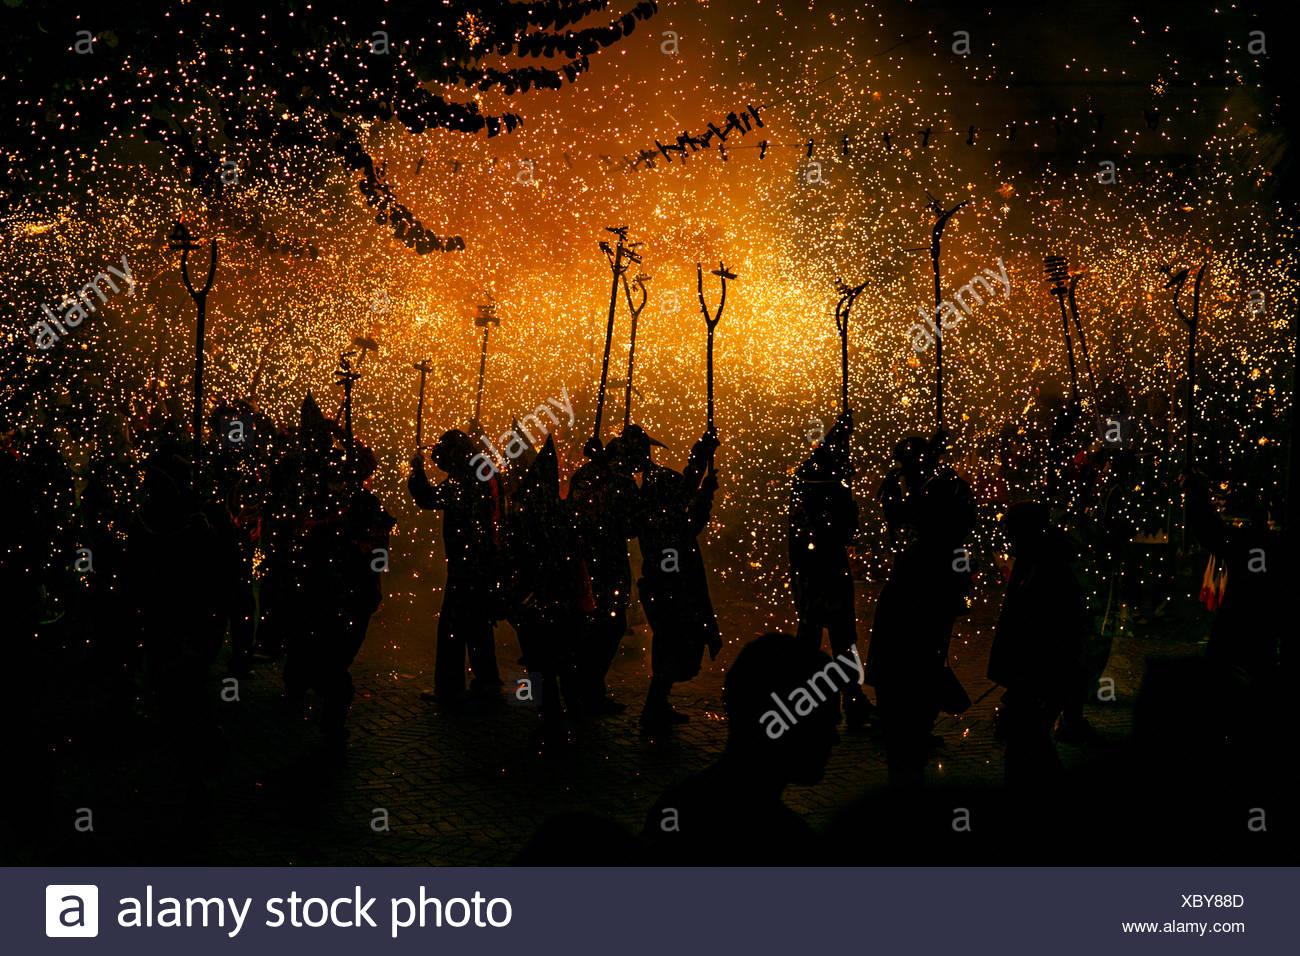 Gruppo di persone a Correfoc firerun, Catalogna, Spagna Immagini Stock